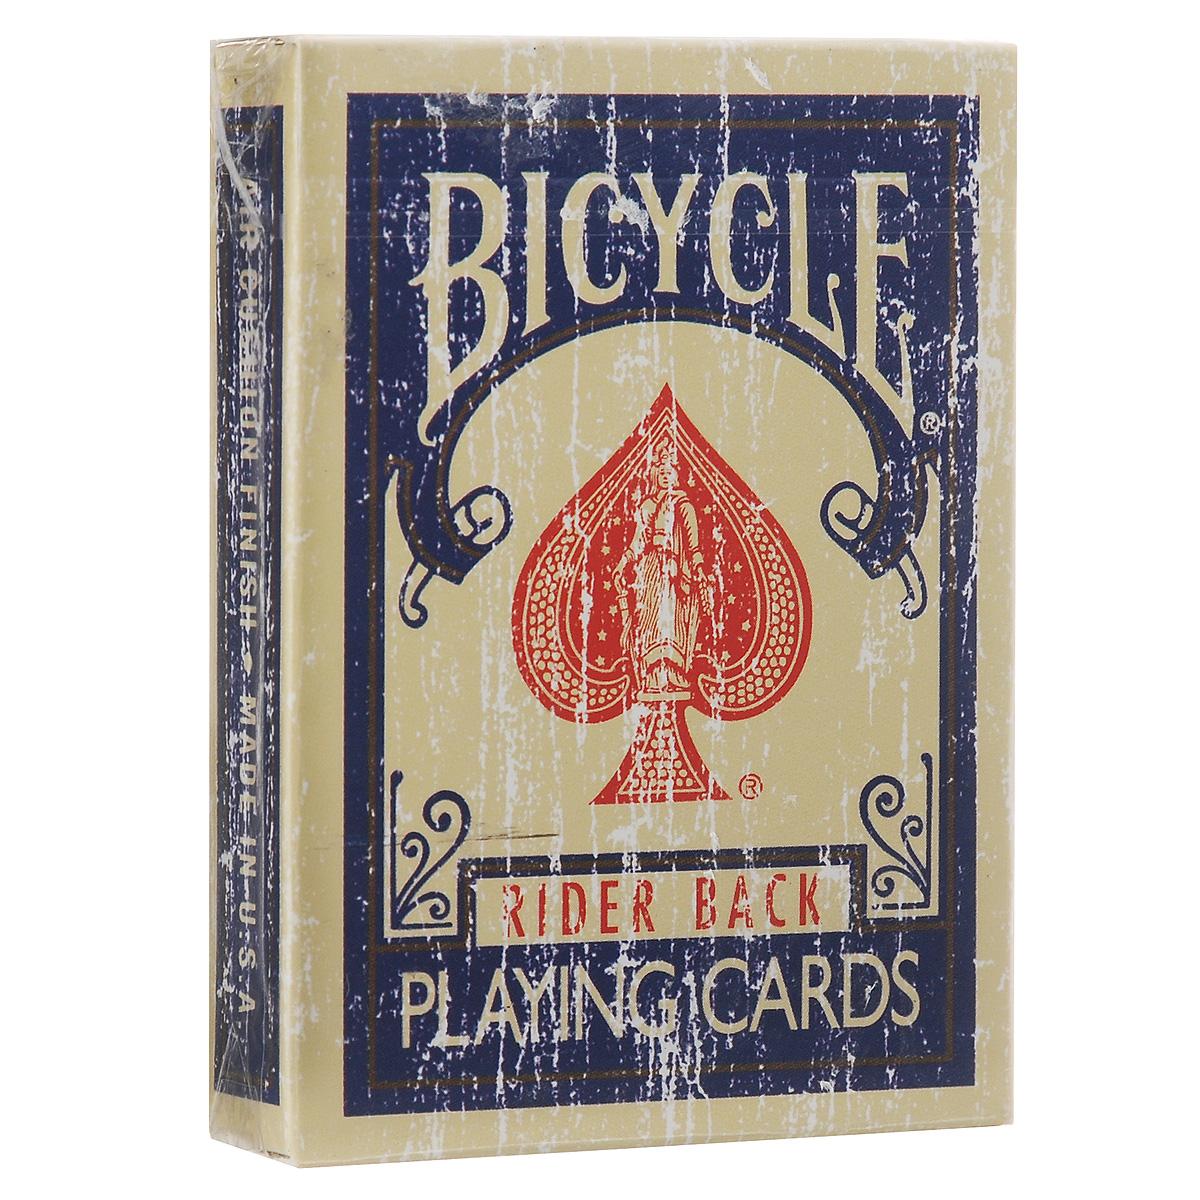 Игральные карты Bicycle Faded Deck, цвет: темно-синийК-038Игральные карты Bicycle Faded Deck станут прекрасным подарком для всех любителей карточных игр. Карты этой оригинальной колоды имеют стильный и реалистичный старинный вид. Такие карты подходят для фокусов, покера и любых других карточных игр. Идеальный вариант как для новичков, так и для профессионалов. В колоду добавлены специальные карты, предназначенные для фокусов.